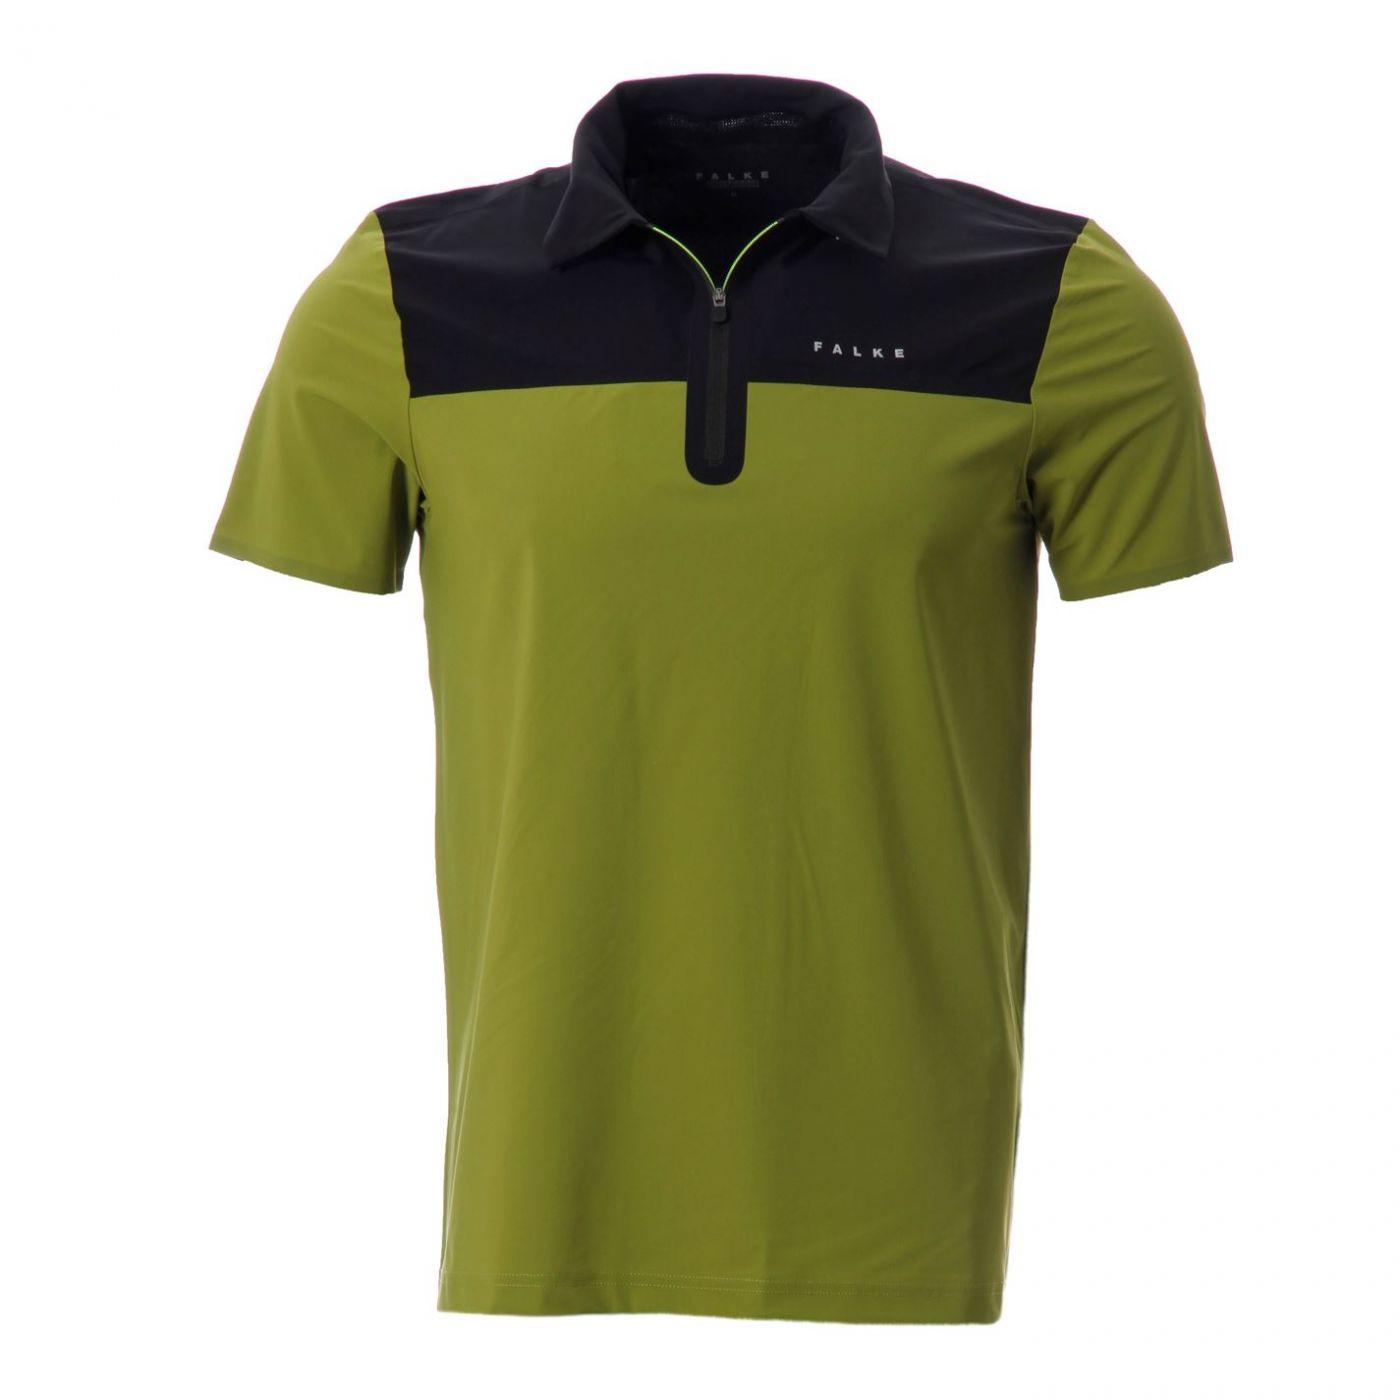 Falke Short Sleeve Polo Shirt Mens